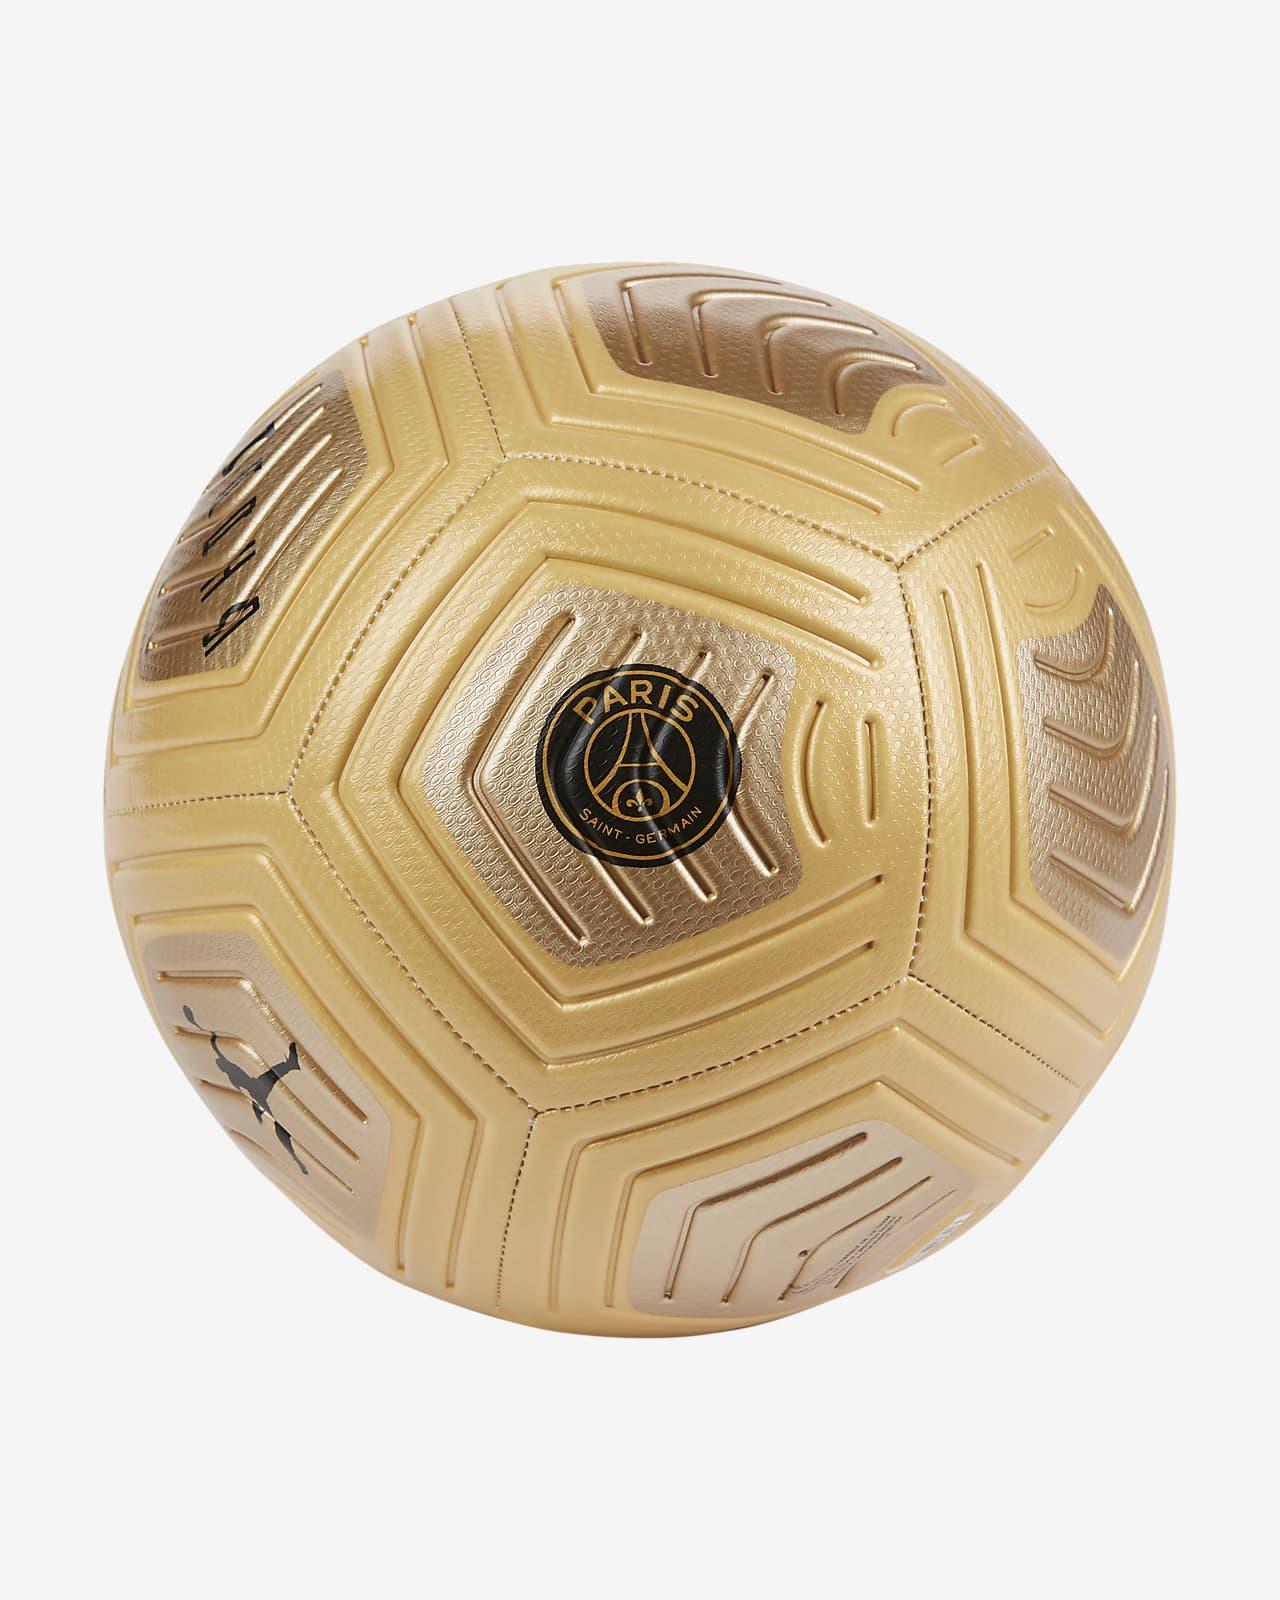 ジョーダン x パリ サンジェルマン ストライク サッカーボール